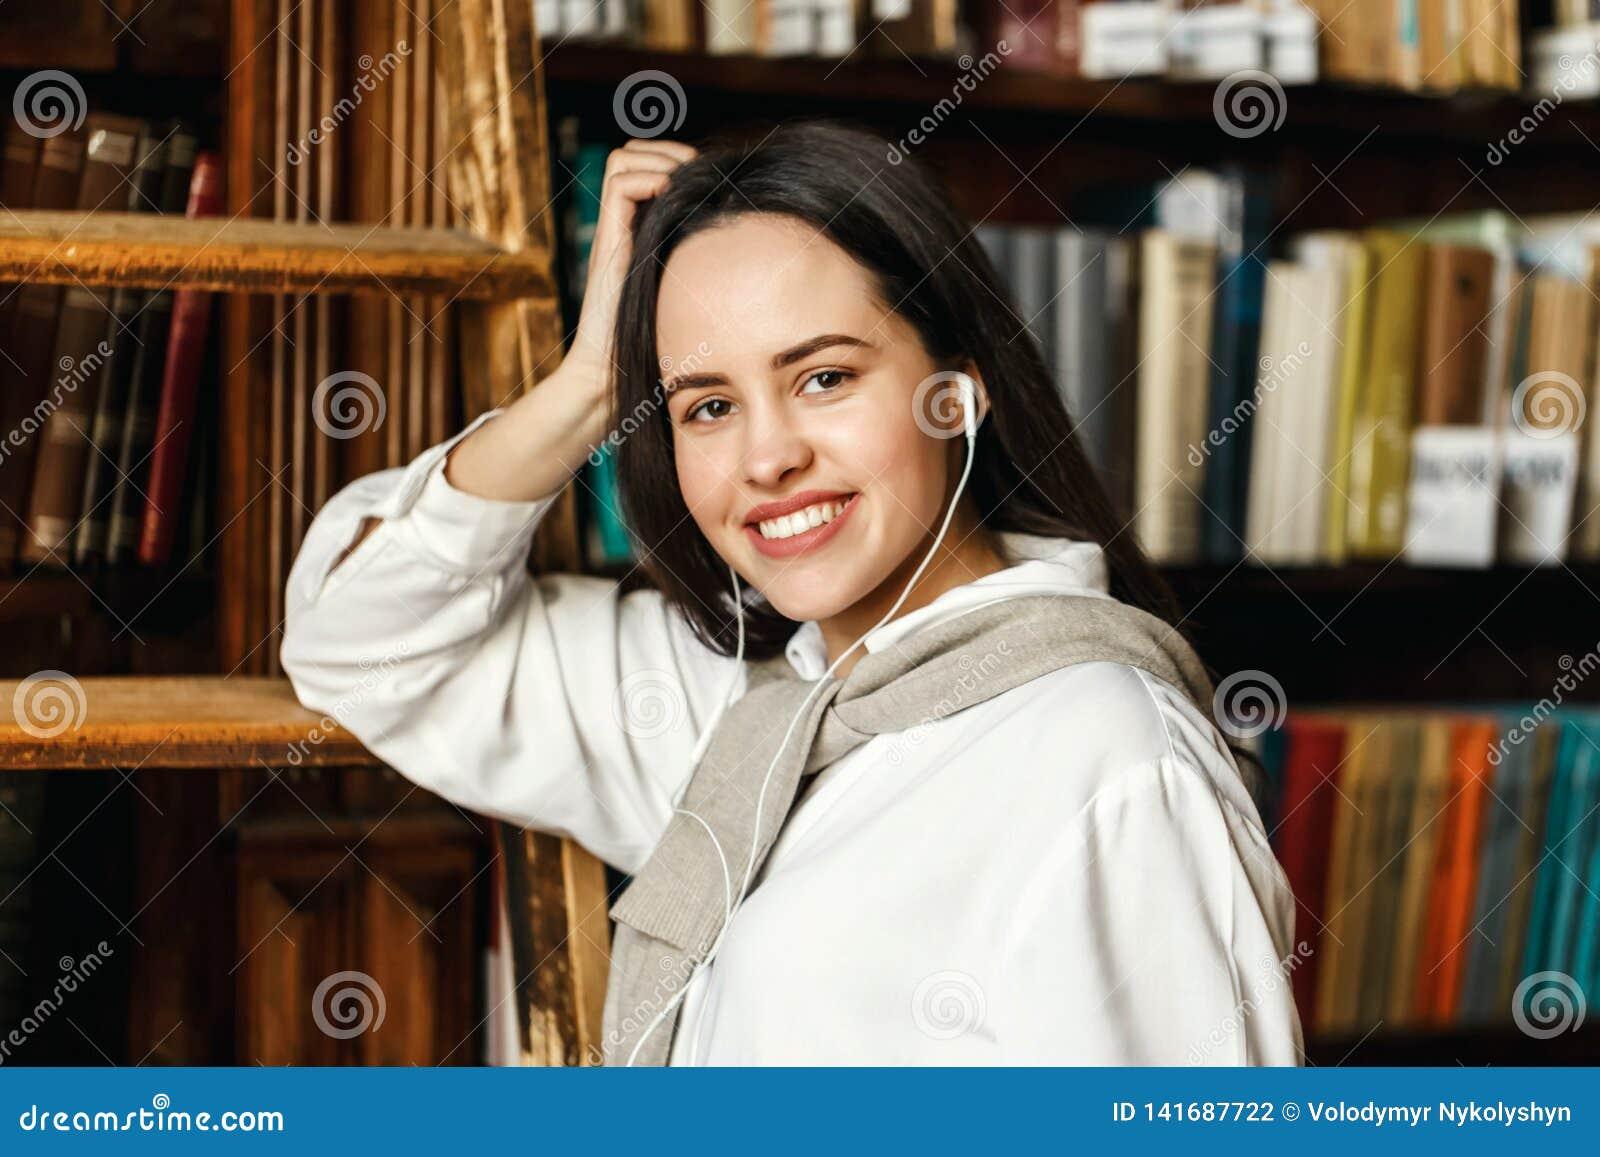 Retrato de la mujer cerca de los estantes